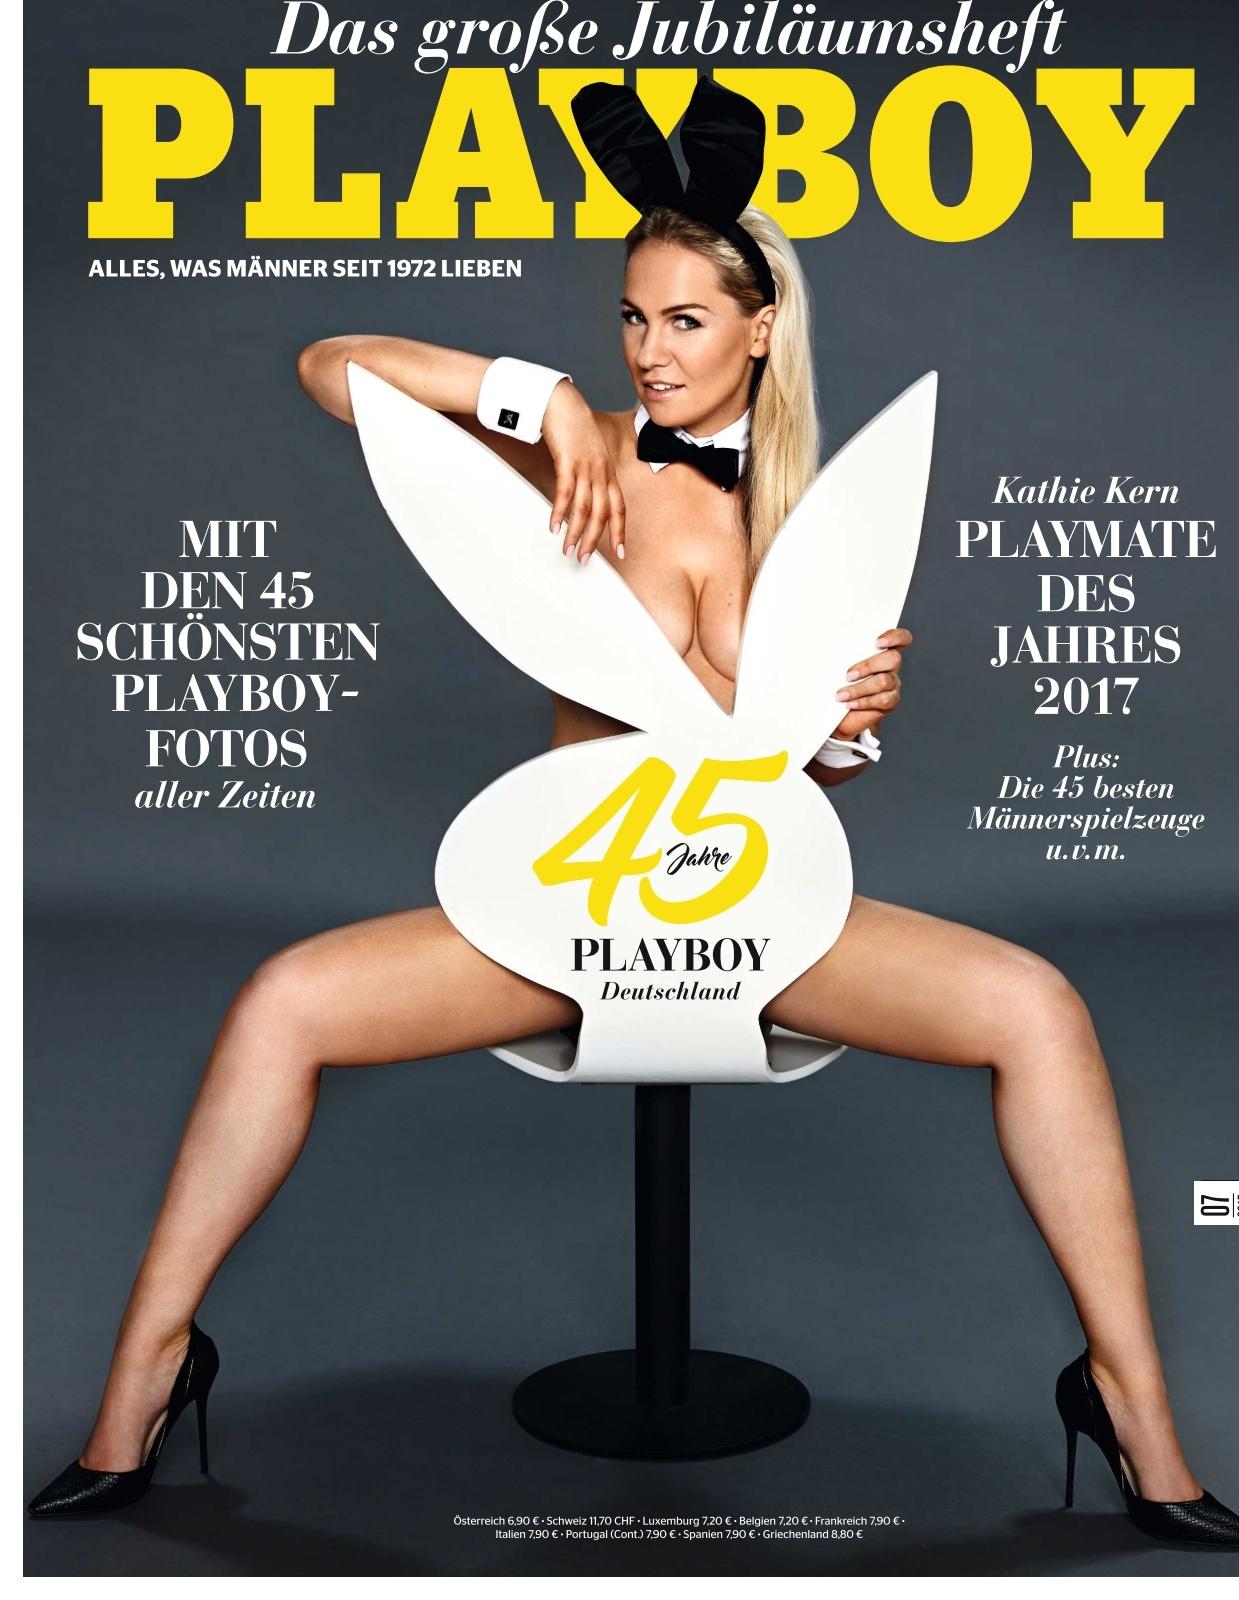 PLAYBOY - 45 Jahre Playboy Deutschland